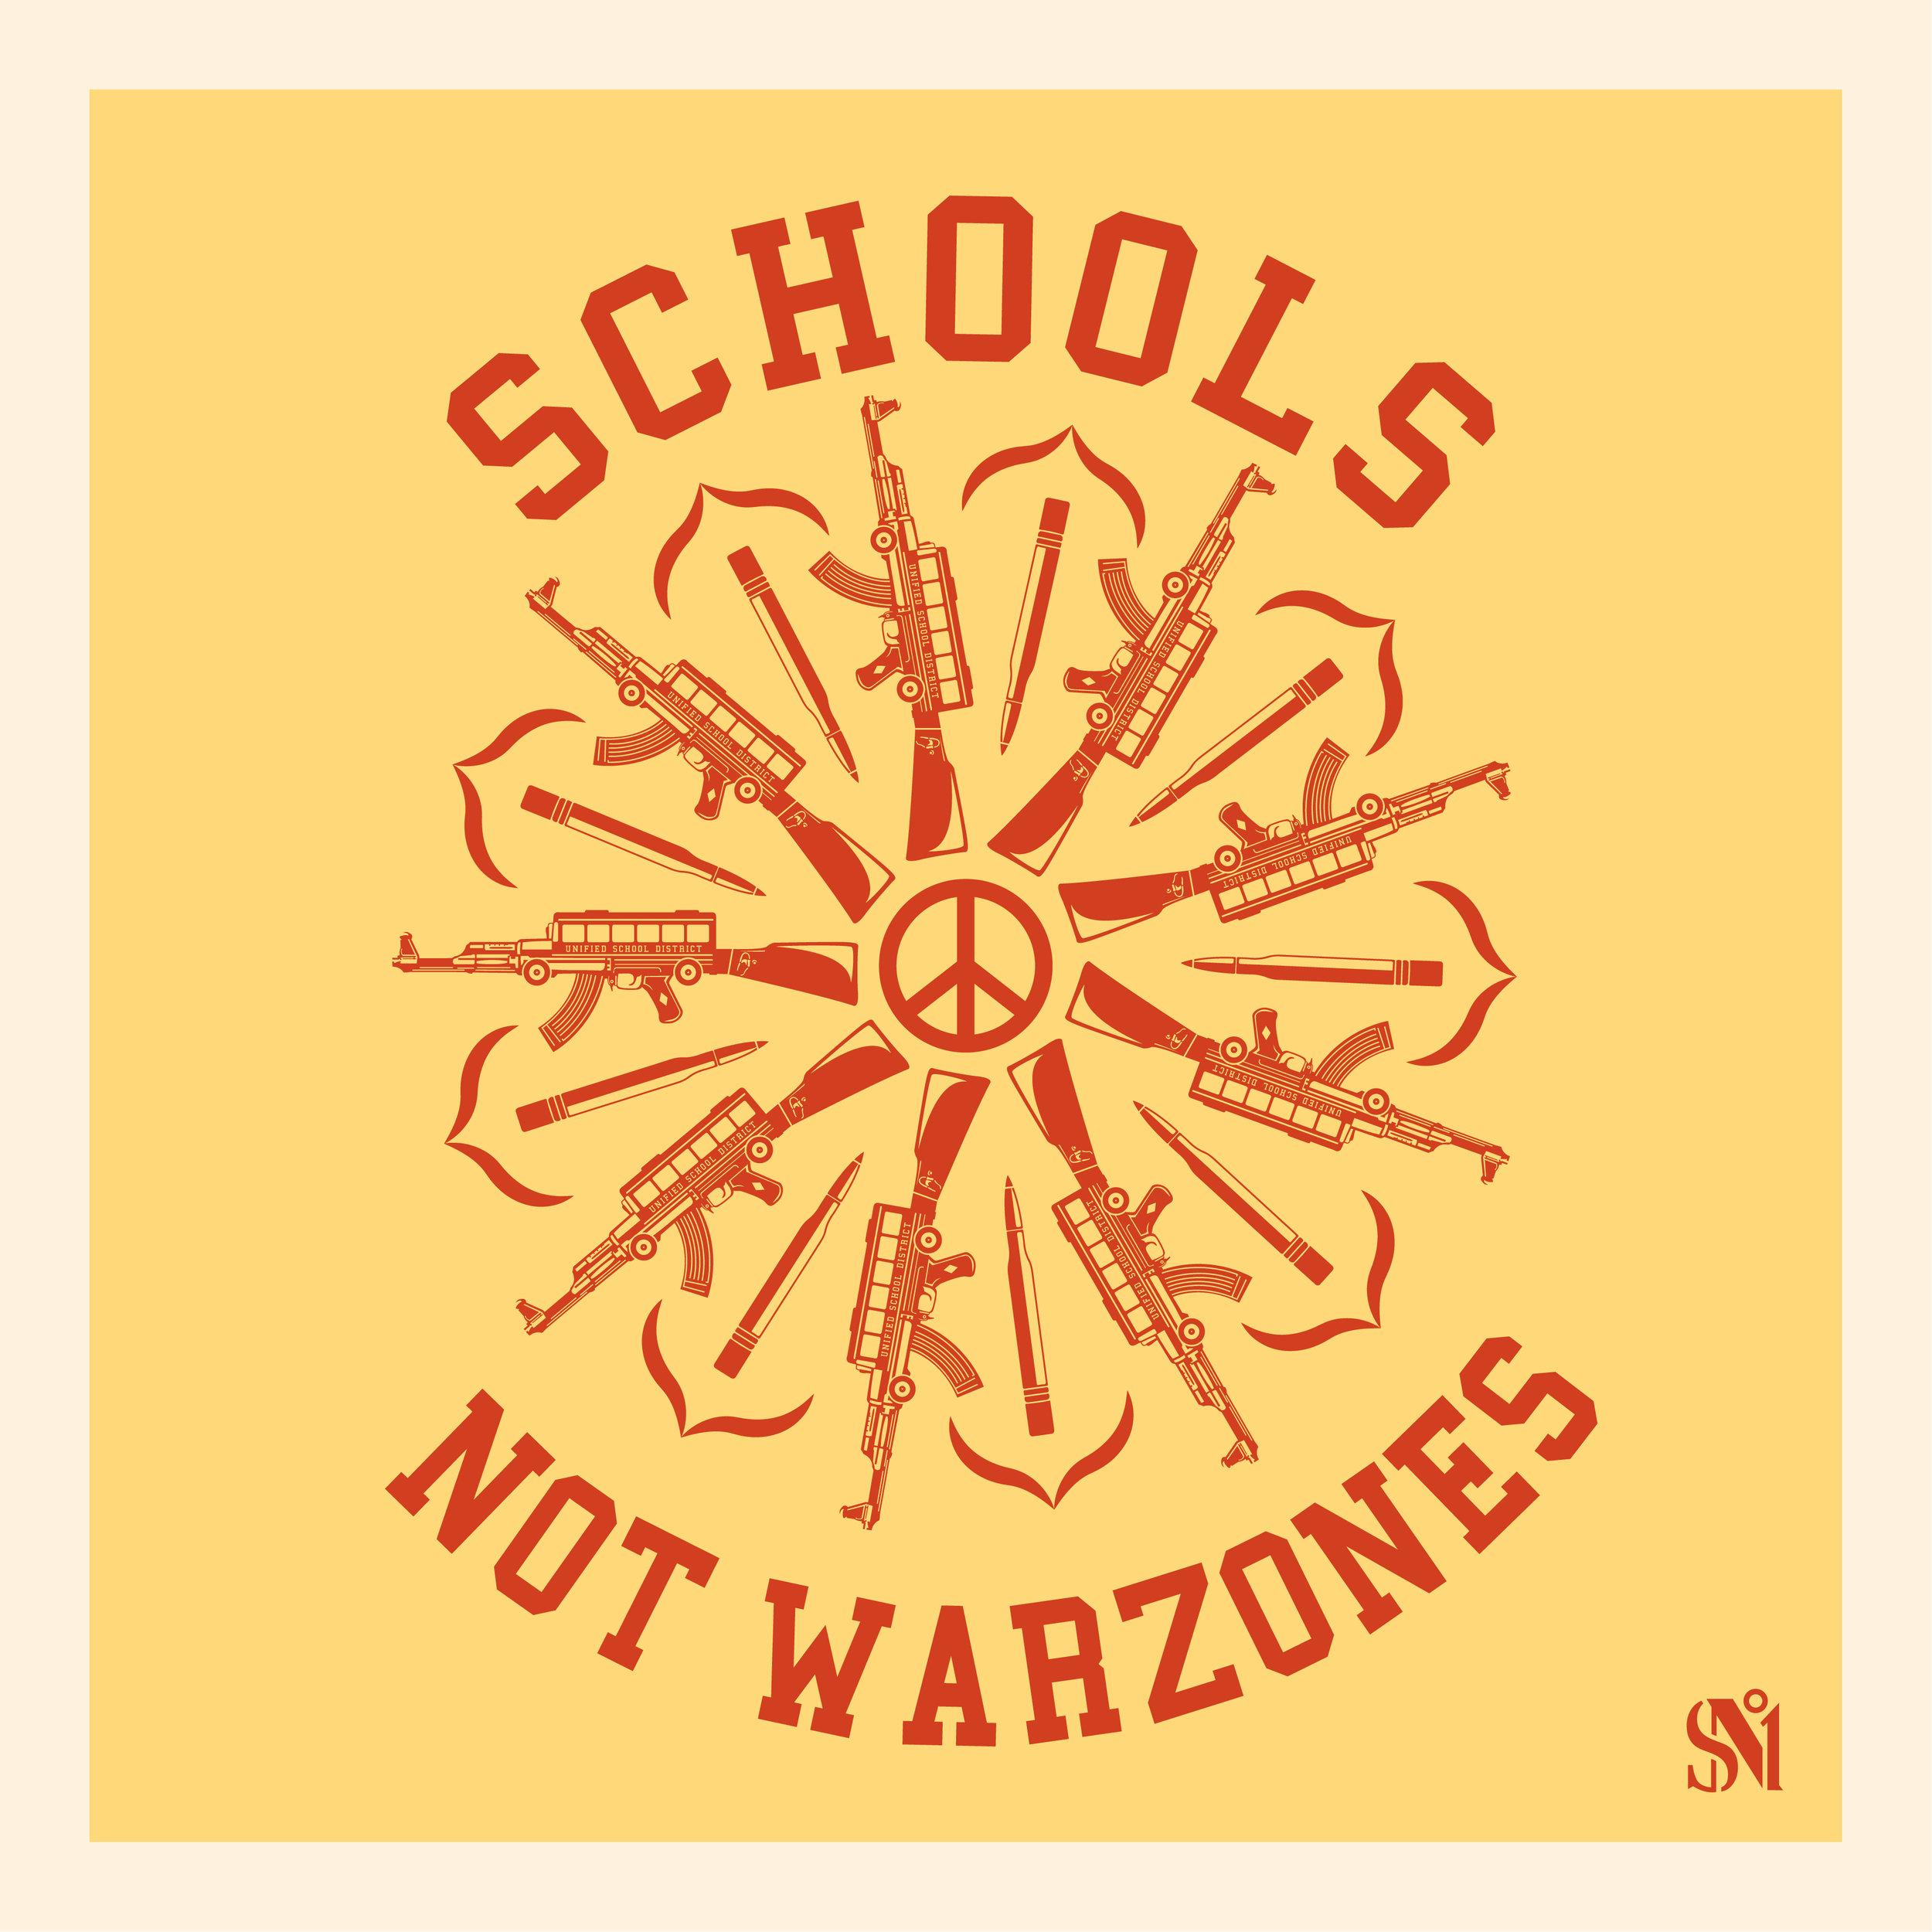 SNO-SCHOOLS-NOT-WARZONES-01.jpg